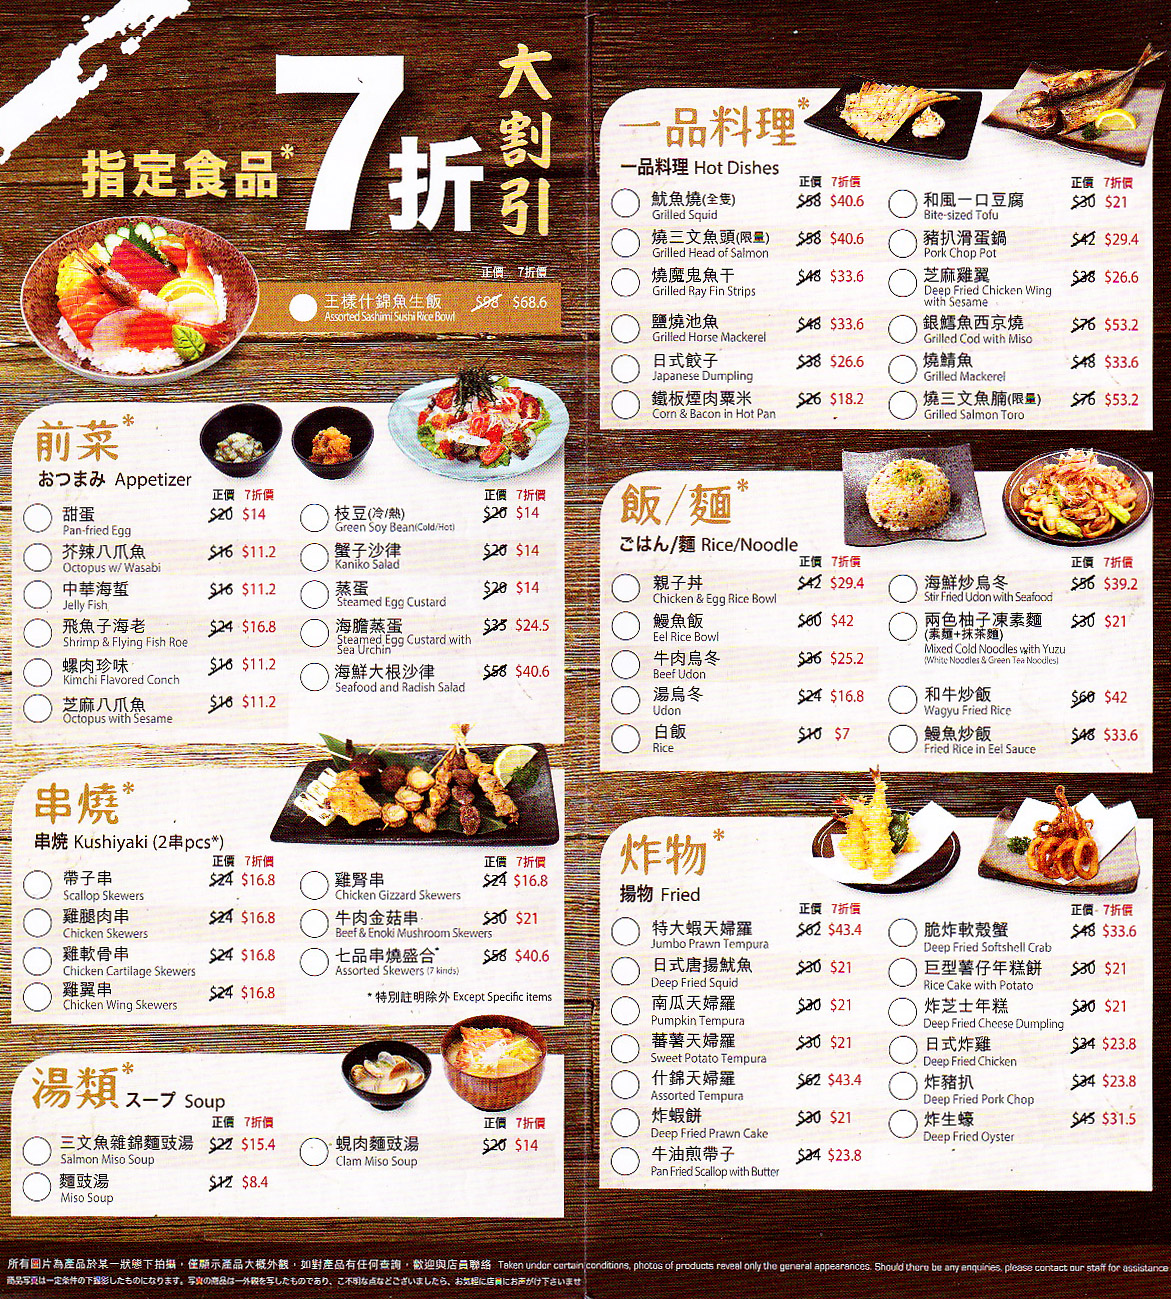 樂富廣場將軍澳廣場寿司大正宗日本手握壽司、手卷壽司 hand roll sushi dai take away menu hk 日式壽司